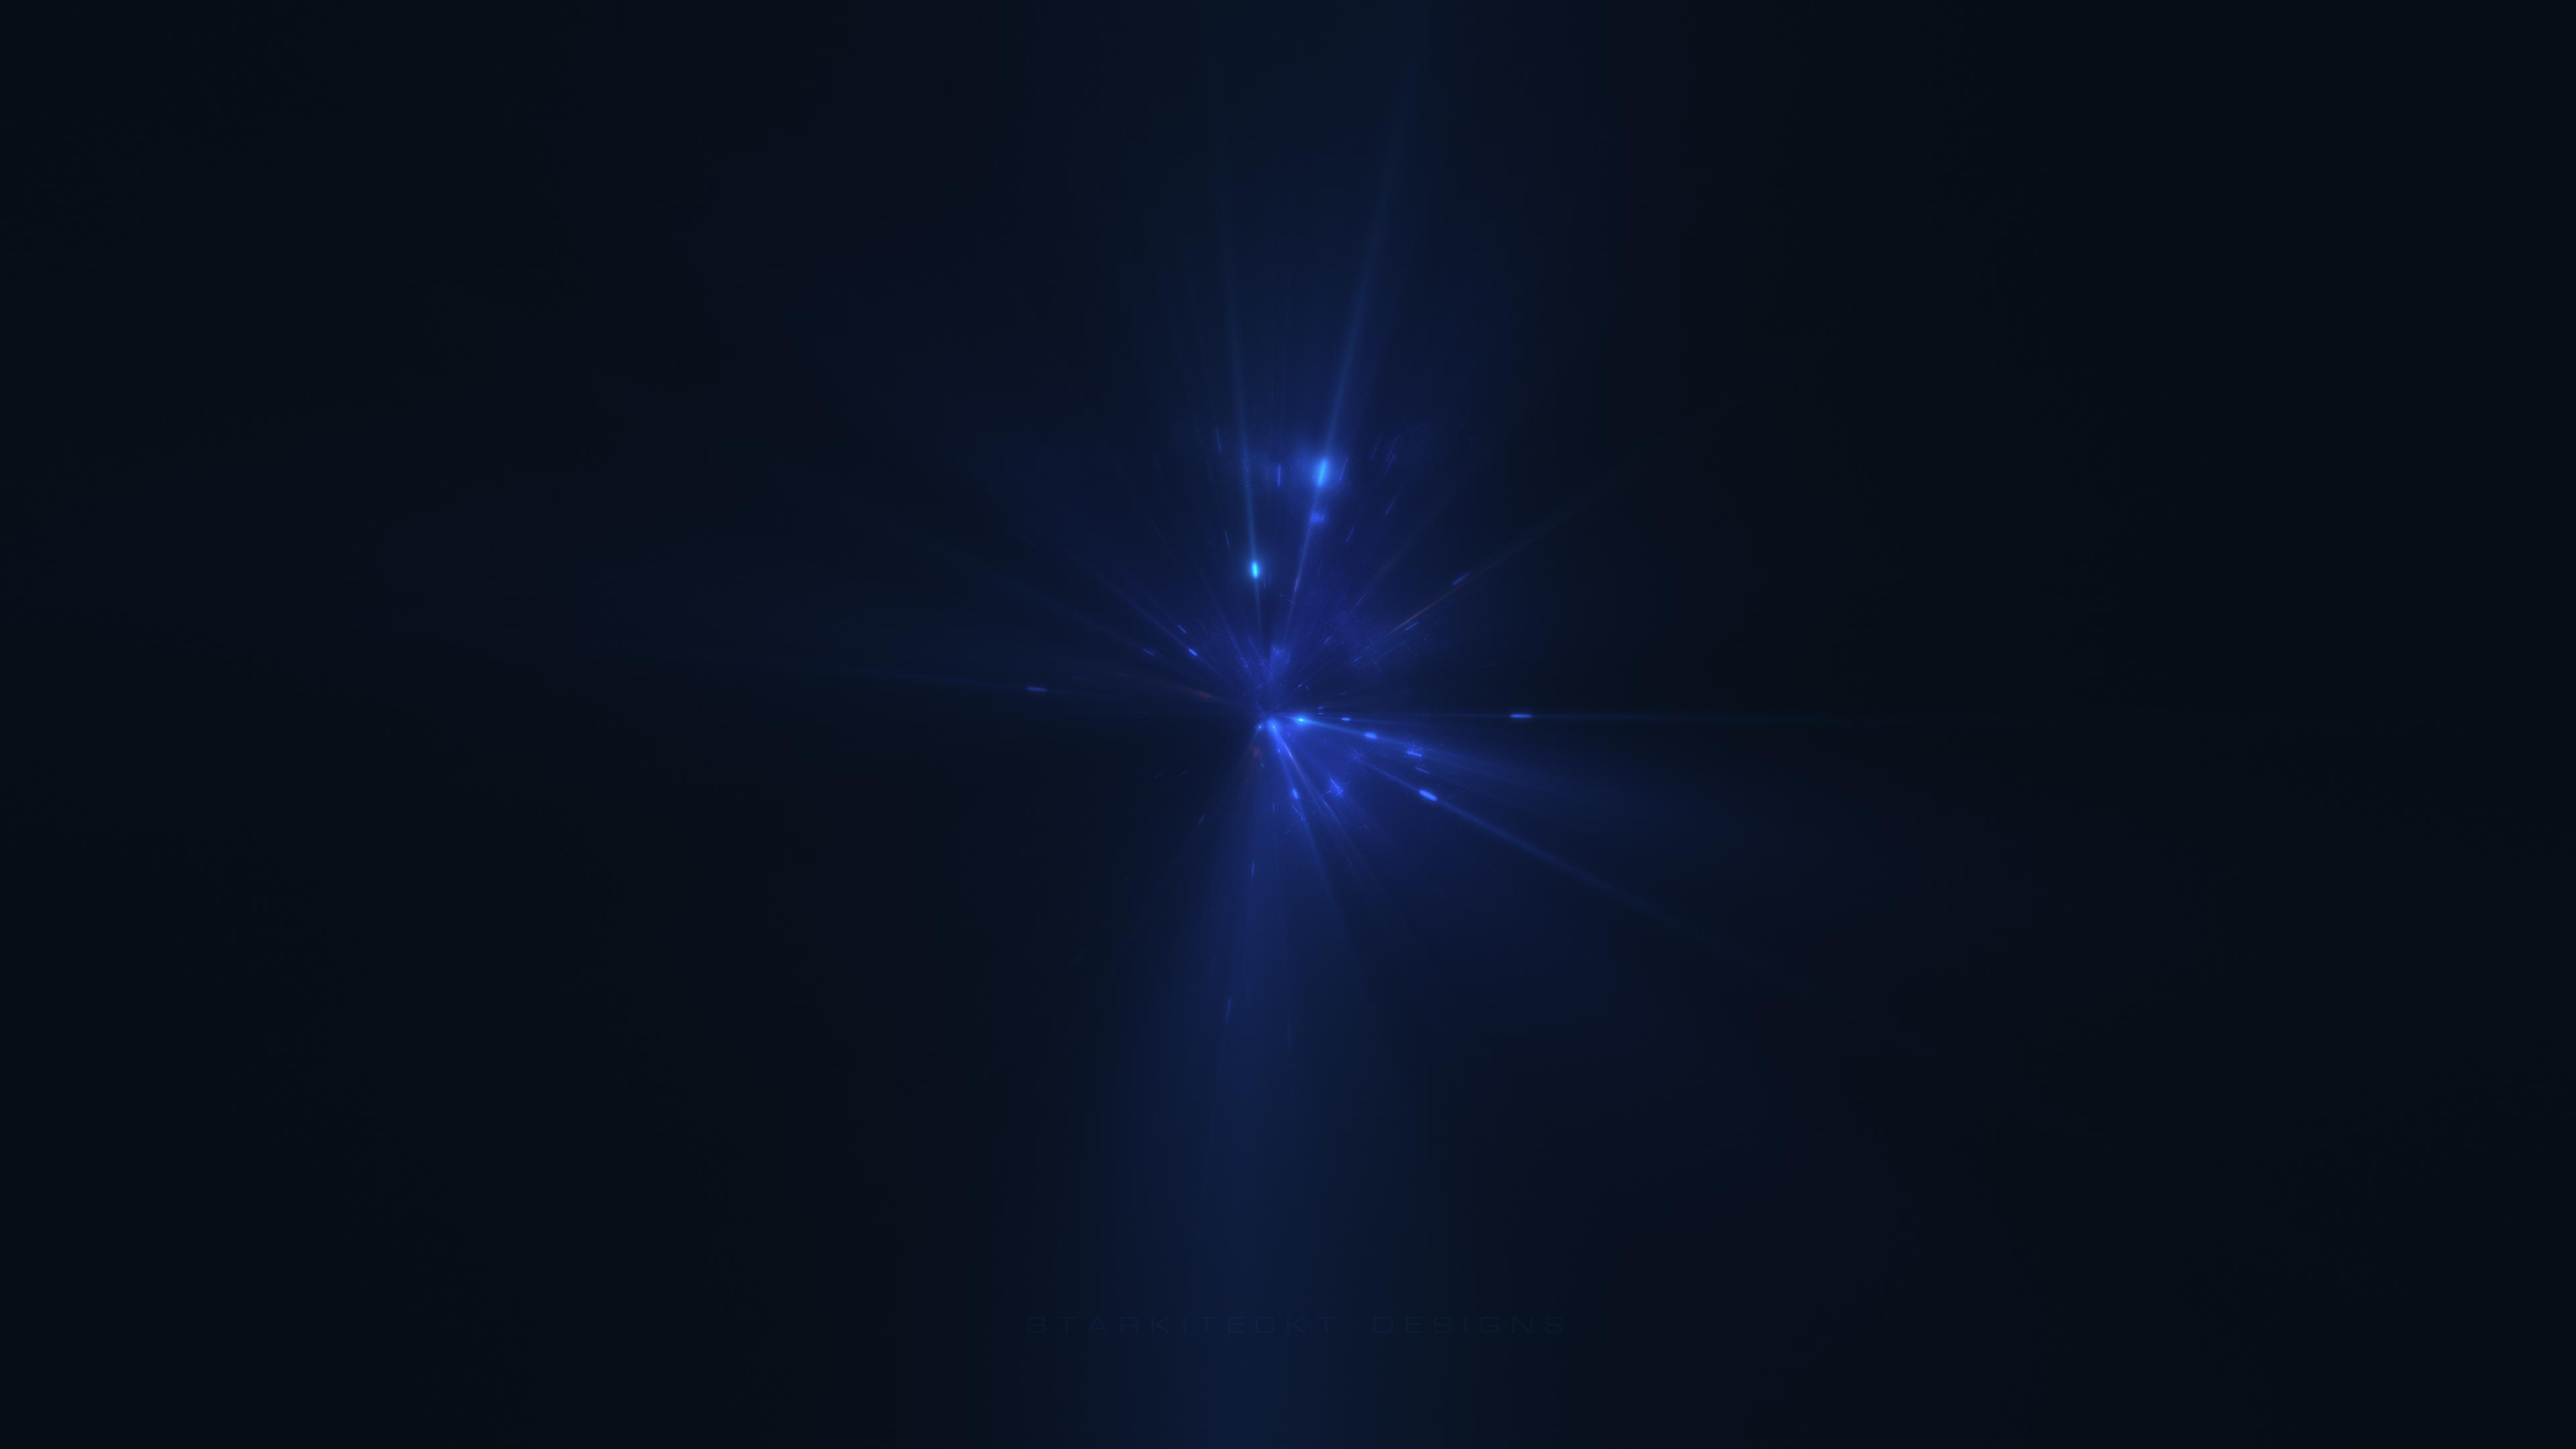 last blue light digital art 4k 1546279344 - Last Blue Light Digital Art 4k - sky wallpapers, hd-wallpapers, digital universe wallpapers, digital art wallpapers, deviantart wallpapers, blue wallpapers, artwork wallpapers, artist wallpapers, 5k wallpapers, 4k-wallpapers